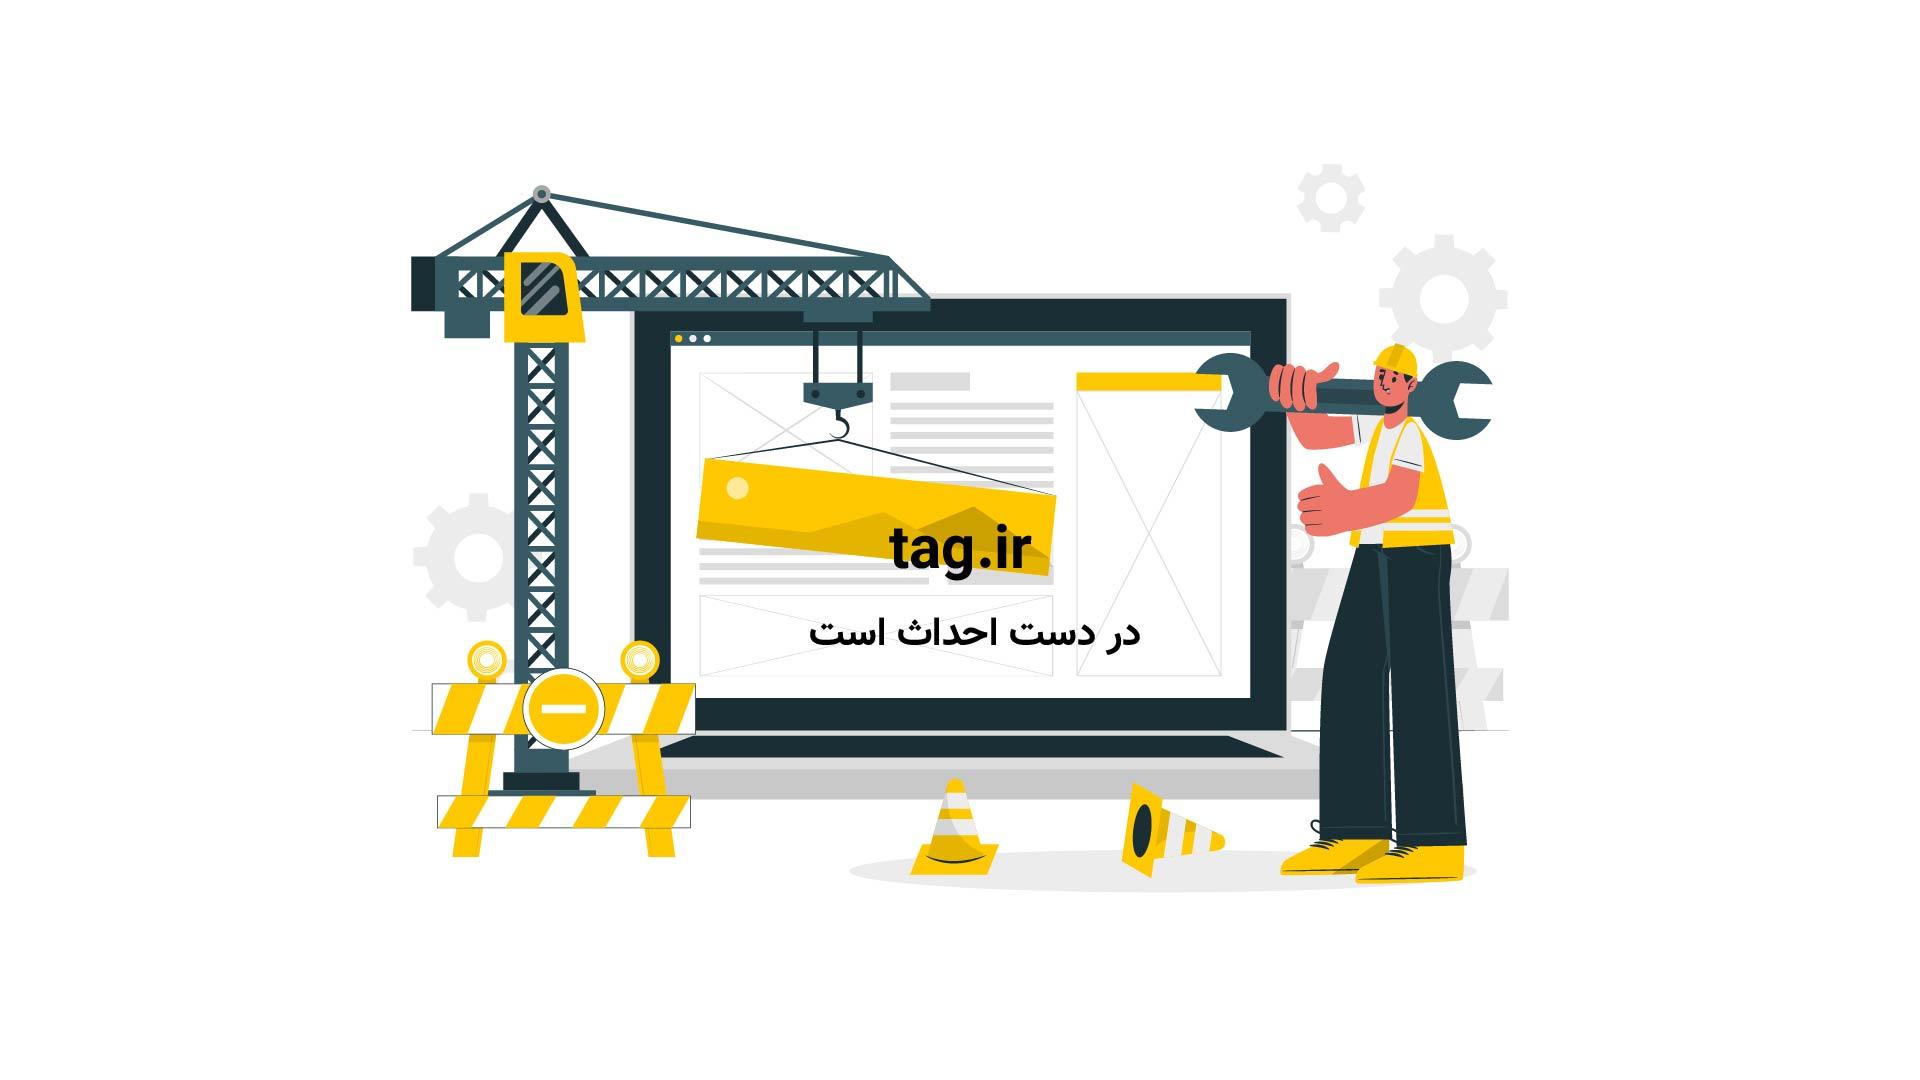 اوریگامی | تگ